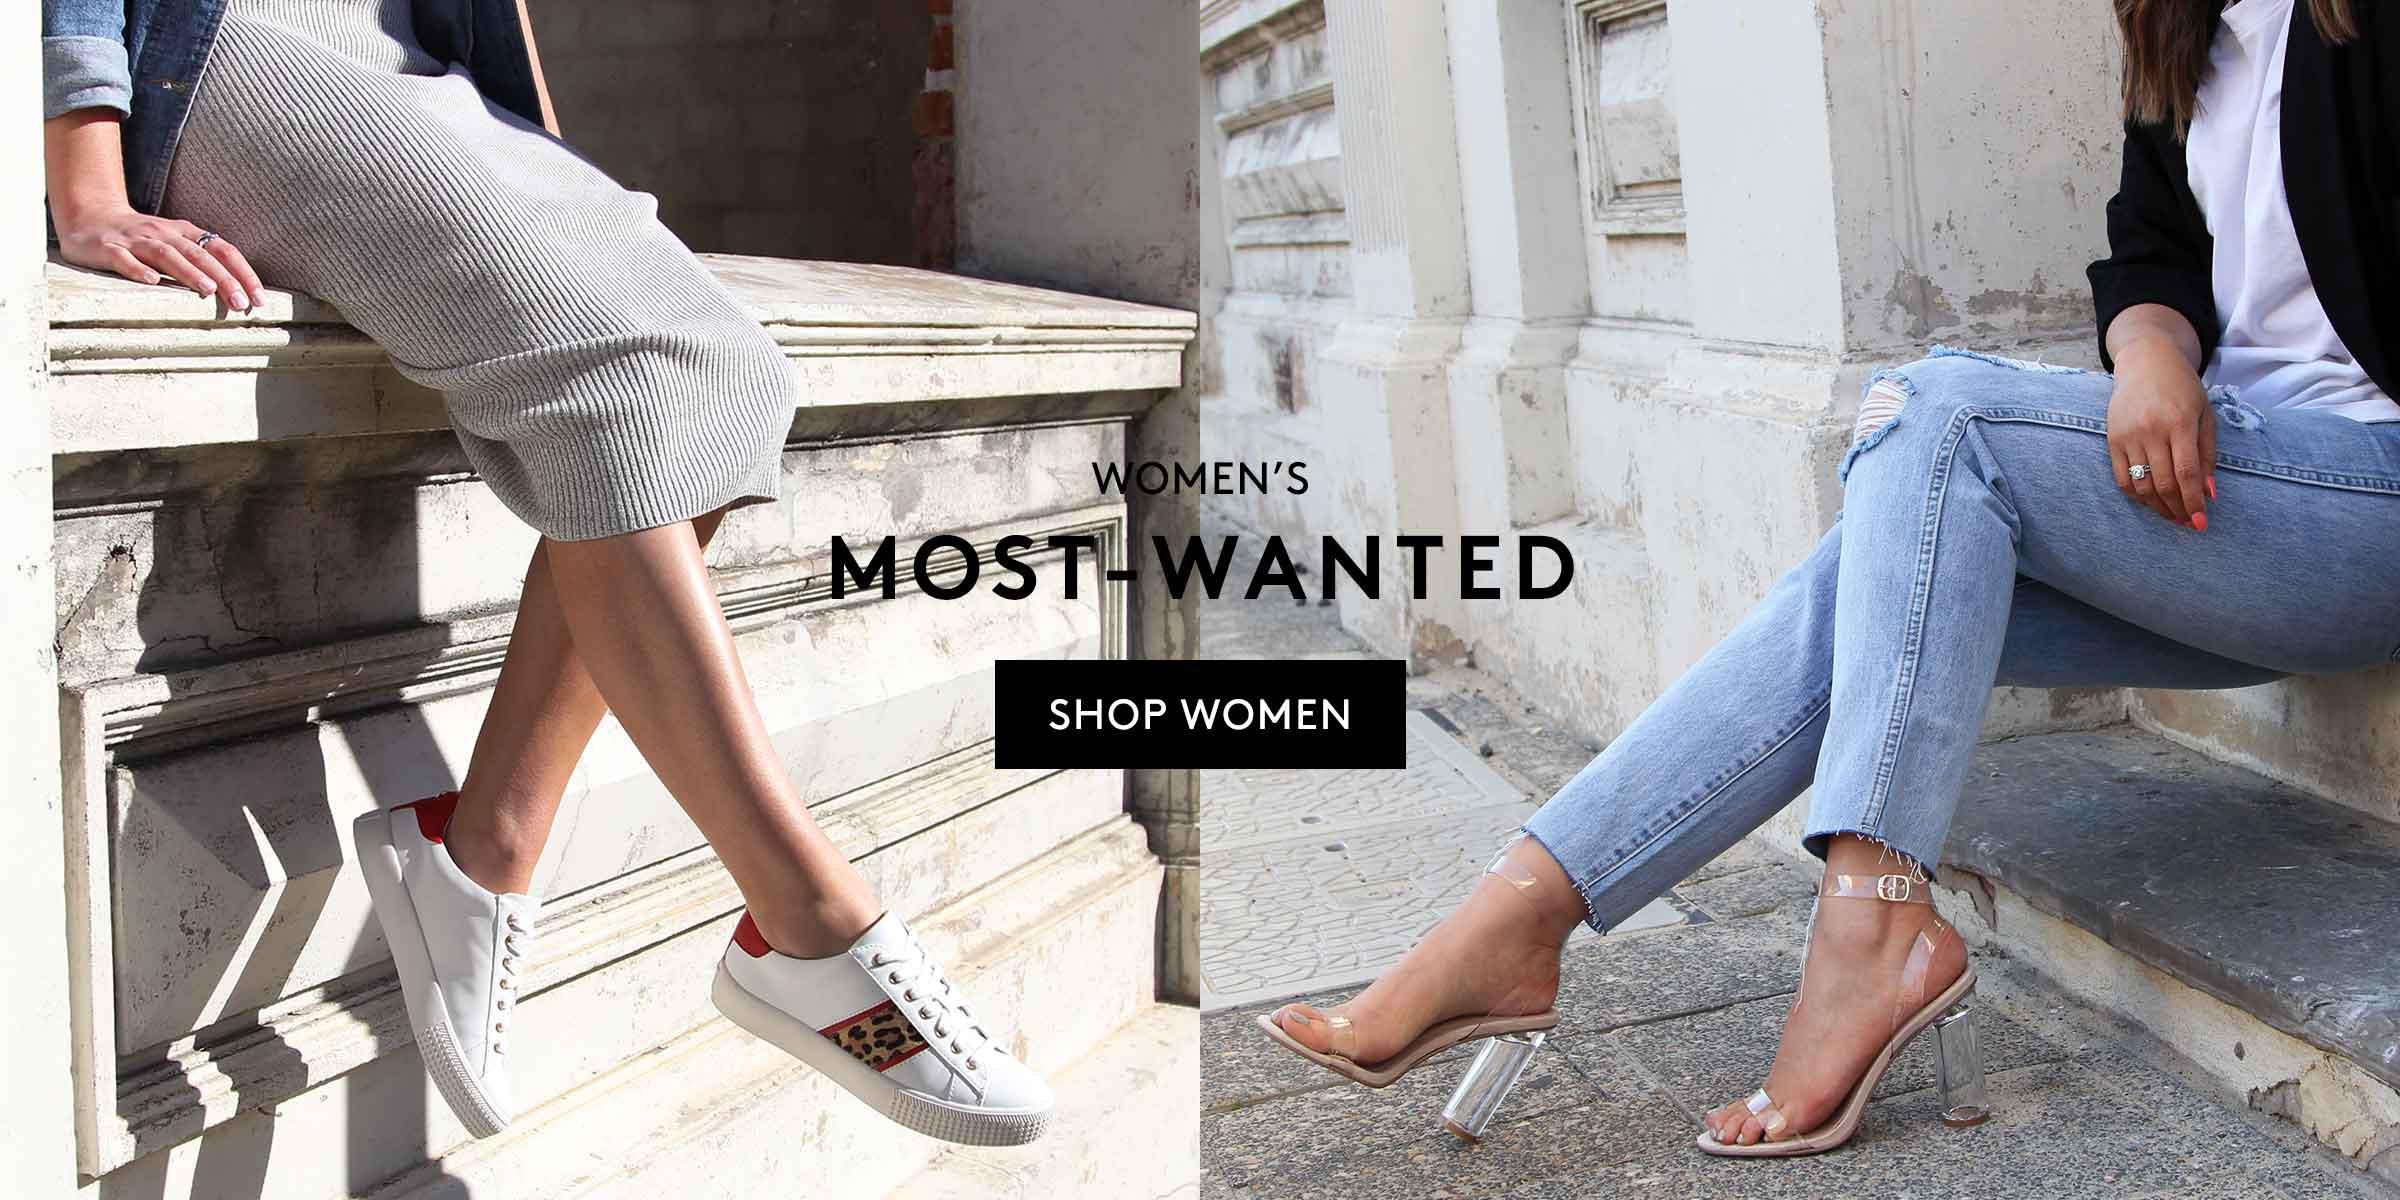 f6b2dd5511 Buy Men's & Women's Shoes Online | Australia's Leading Shoe Shop - Betts